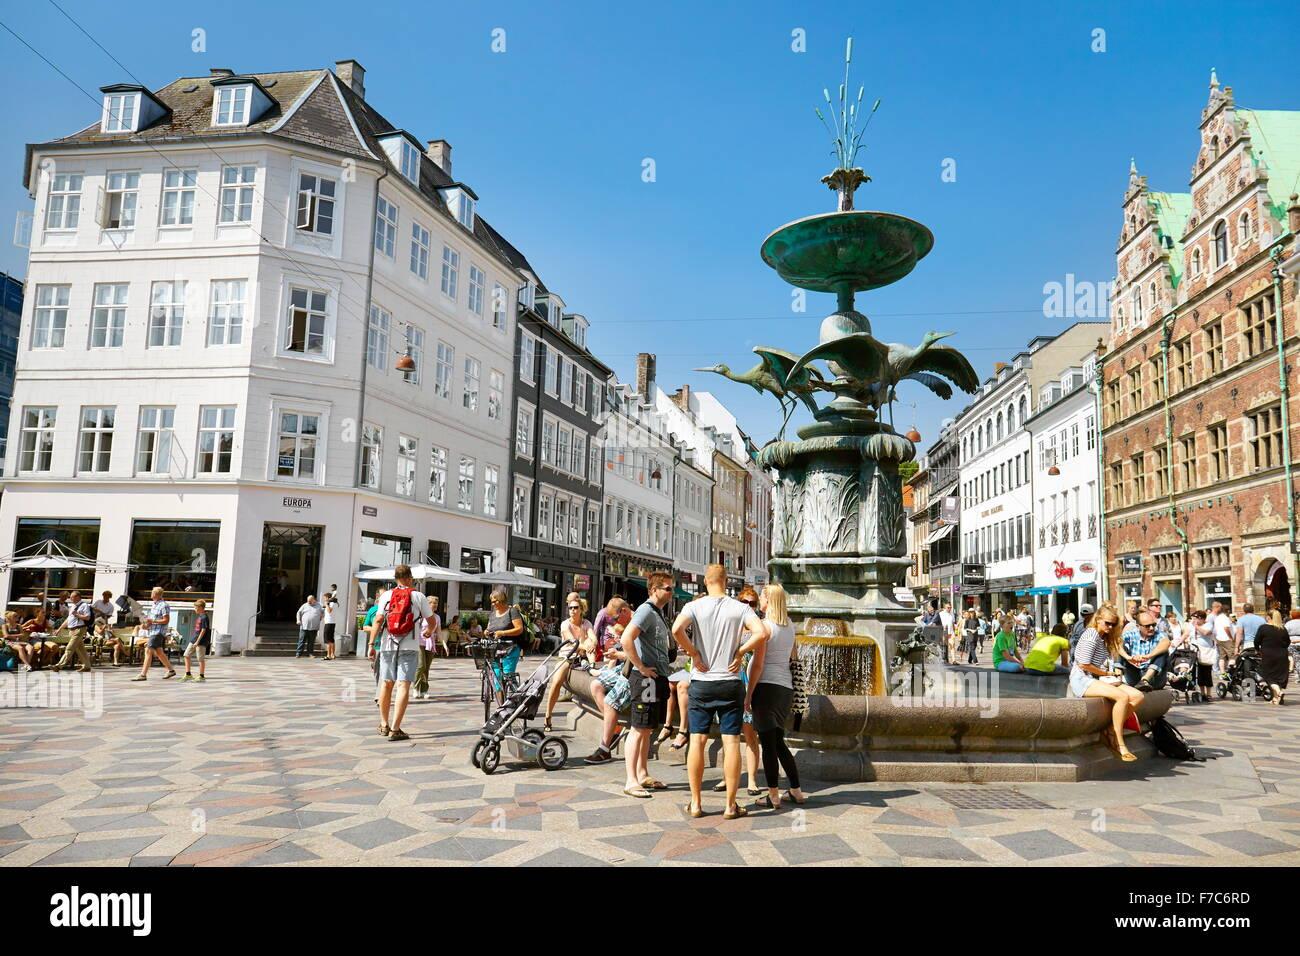 Torv Plaza, Stroget, la ciudad de Copenhague, Dinamarca Imagen De Stock